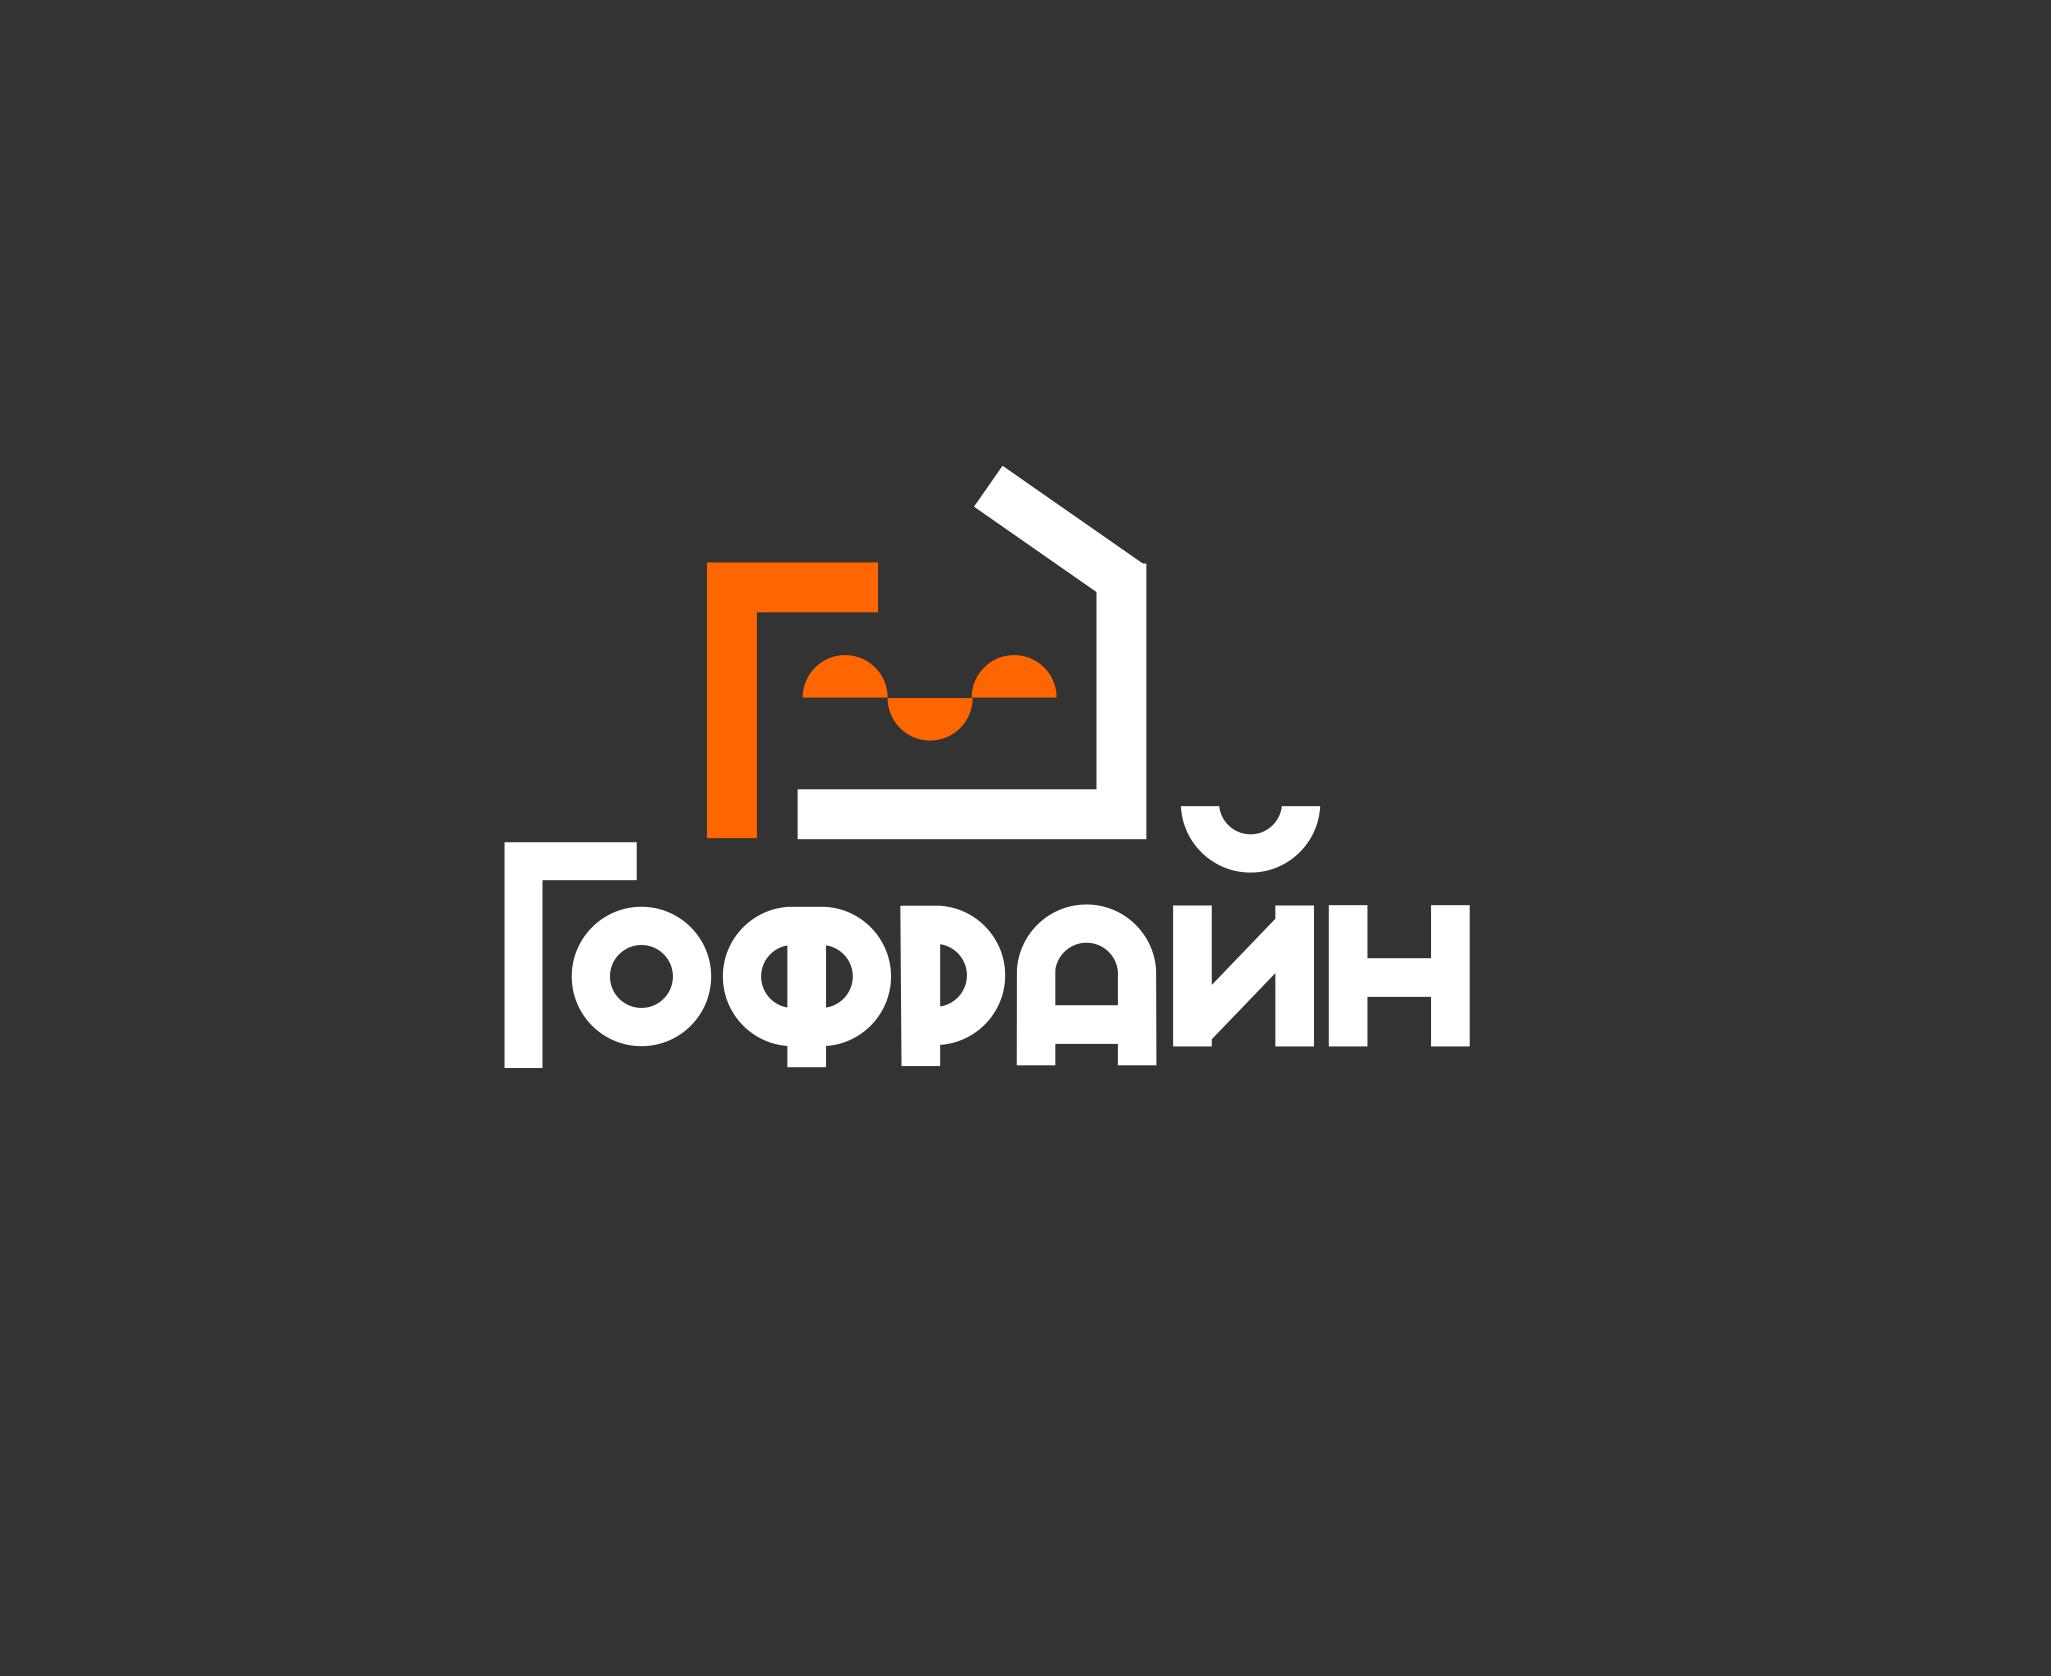 Логотип для компании по реализации упаковки из гофрокартона фото f_1885cdea62e31f97.png